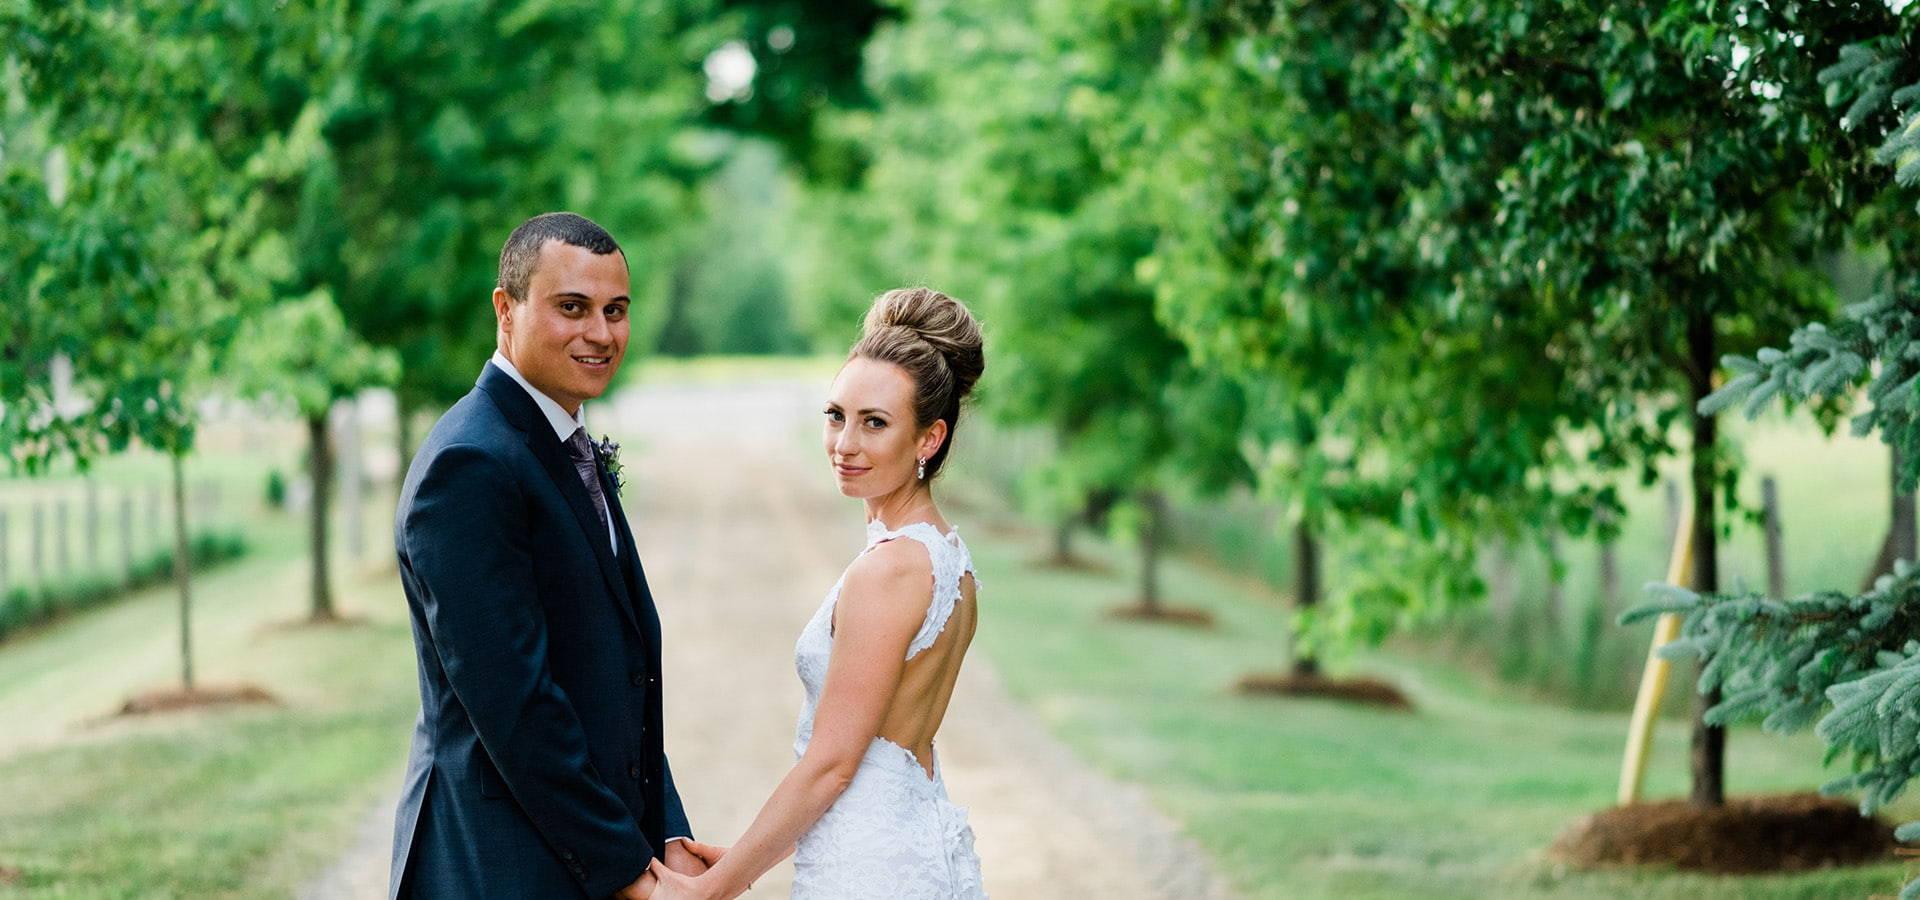 Hero image for Choosing Your Wedding Date: Weekdays vs. Weekends